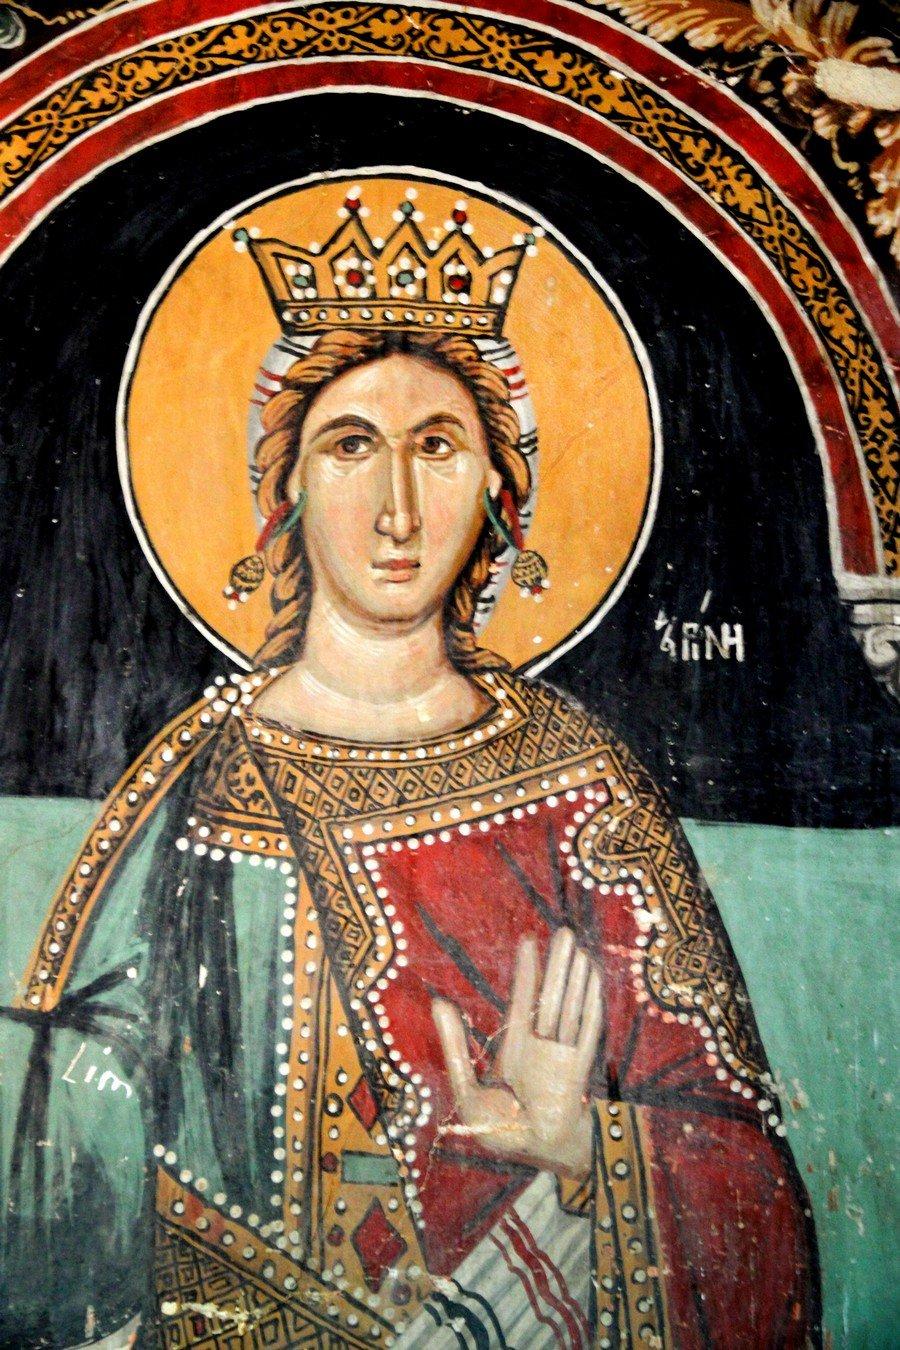 Святая Великомученица Ирина Македонская. Фреска церкви Архангела Михаила и Божией Матери в Галате на Кипре. 1514 год.